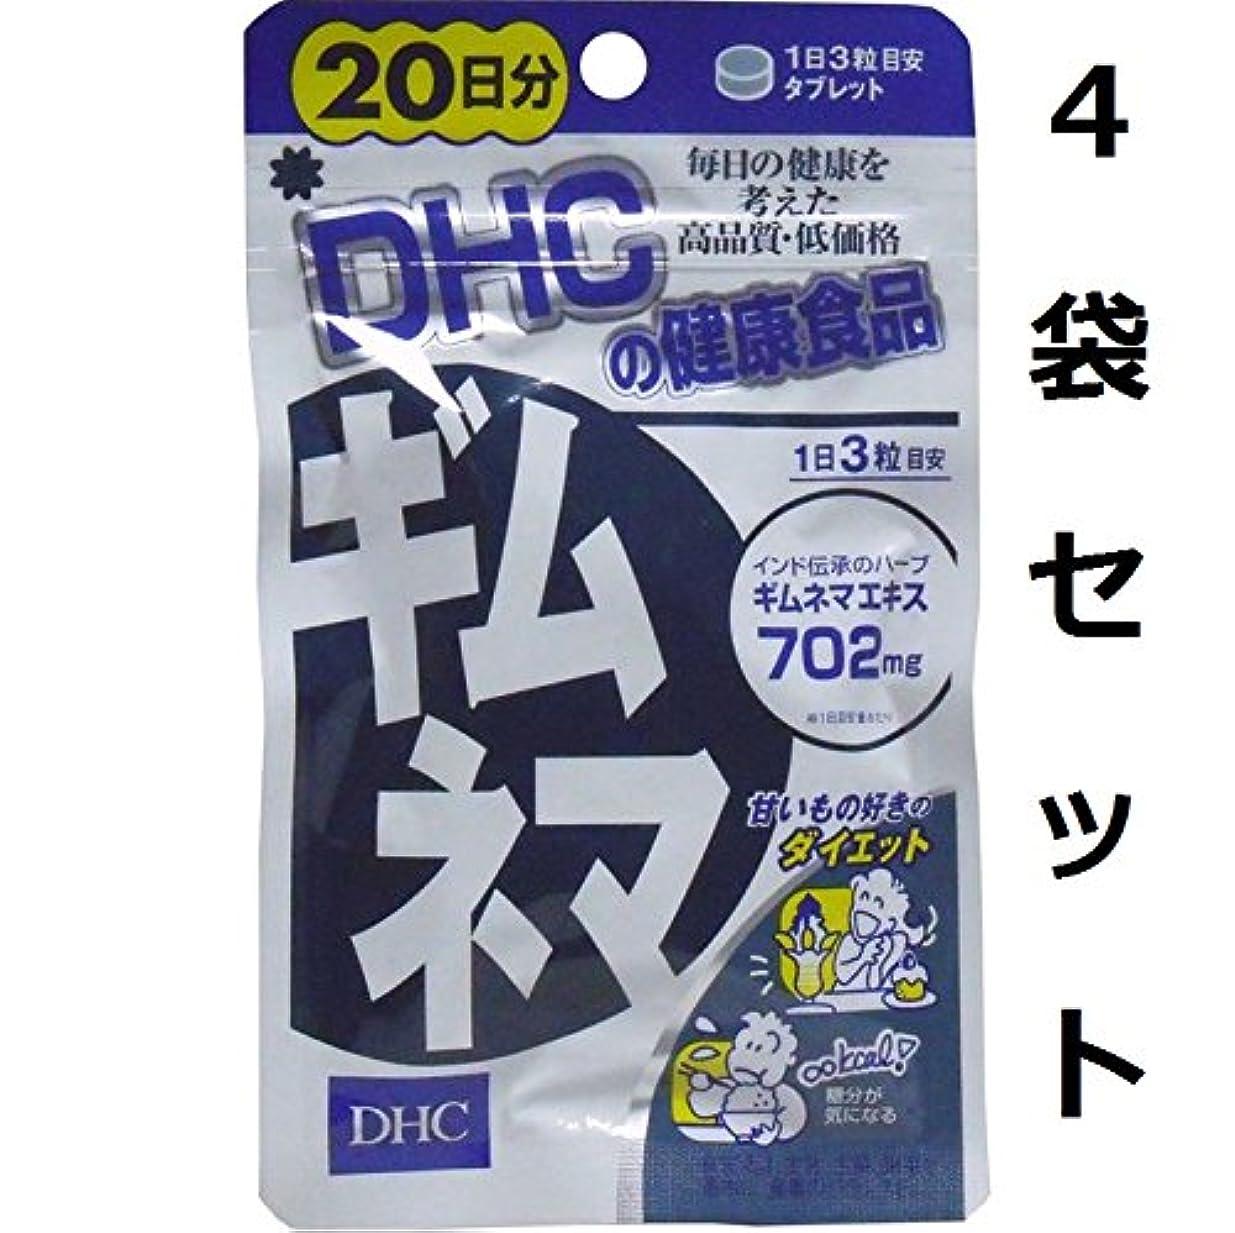 偉業クリエイティブまろやかな余分な糖分をブロック DHC ギムネマ 20日分 60粒 4袋セット